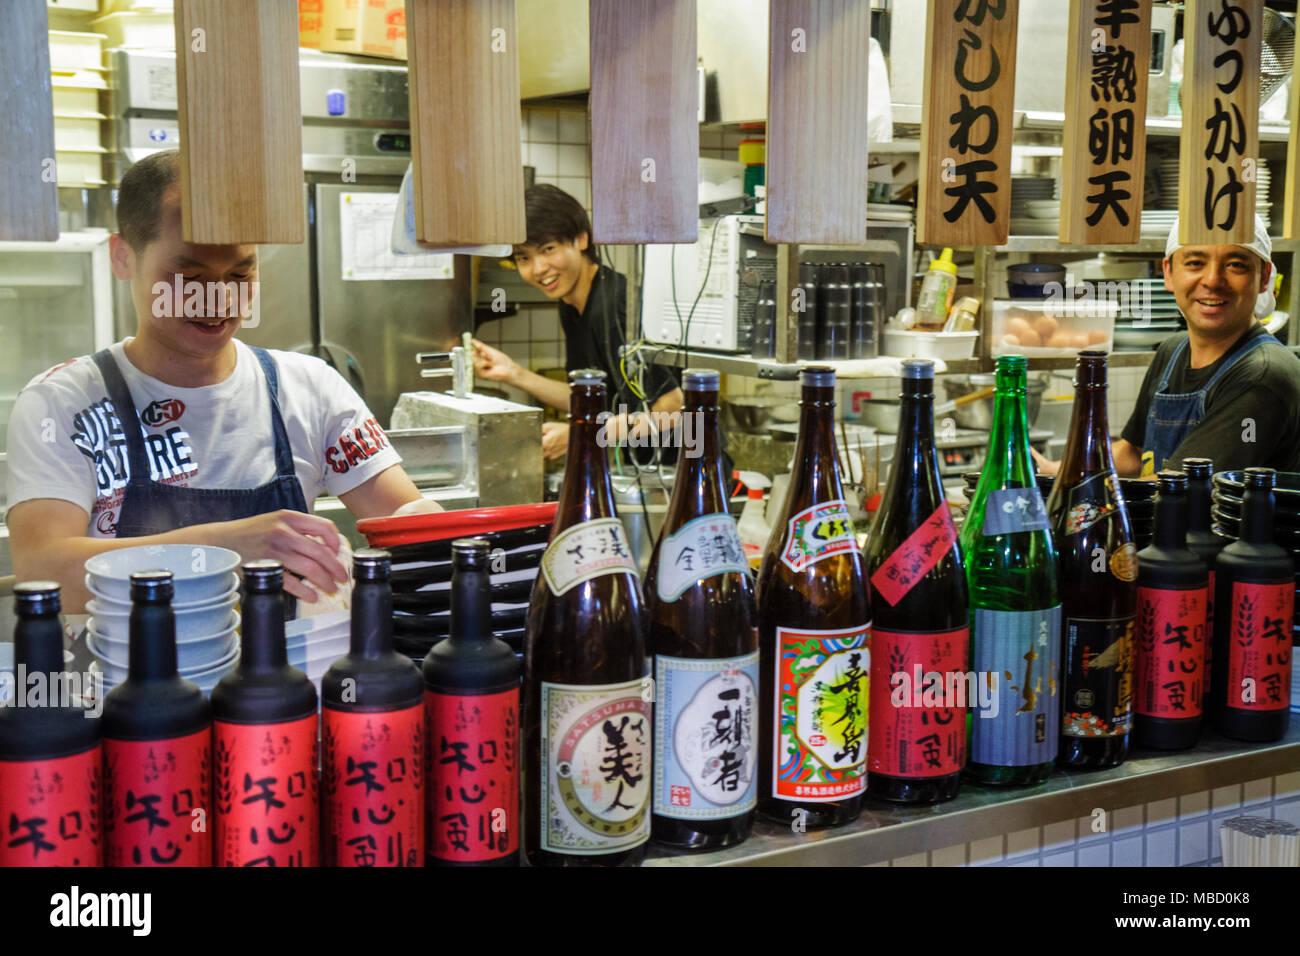 Japón, Tokio, Asia, Oriente, Akihabara, Asia Asiáticos étnicos inmigrantes inmigrantes minorías minorías, Oriental, hombre hombres adultos adultos, trabajo Foto de stock